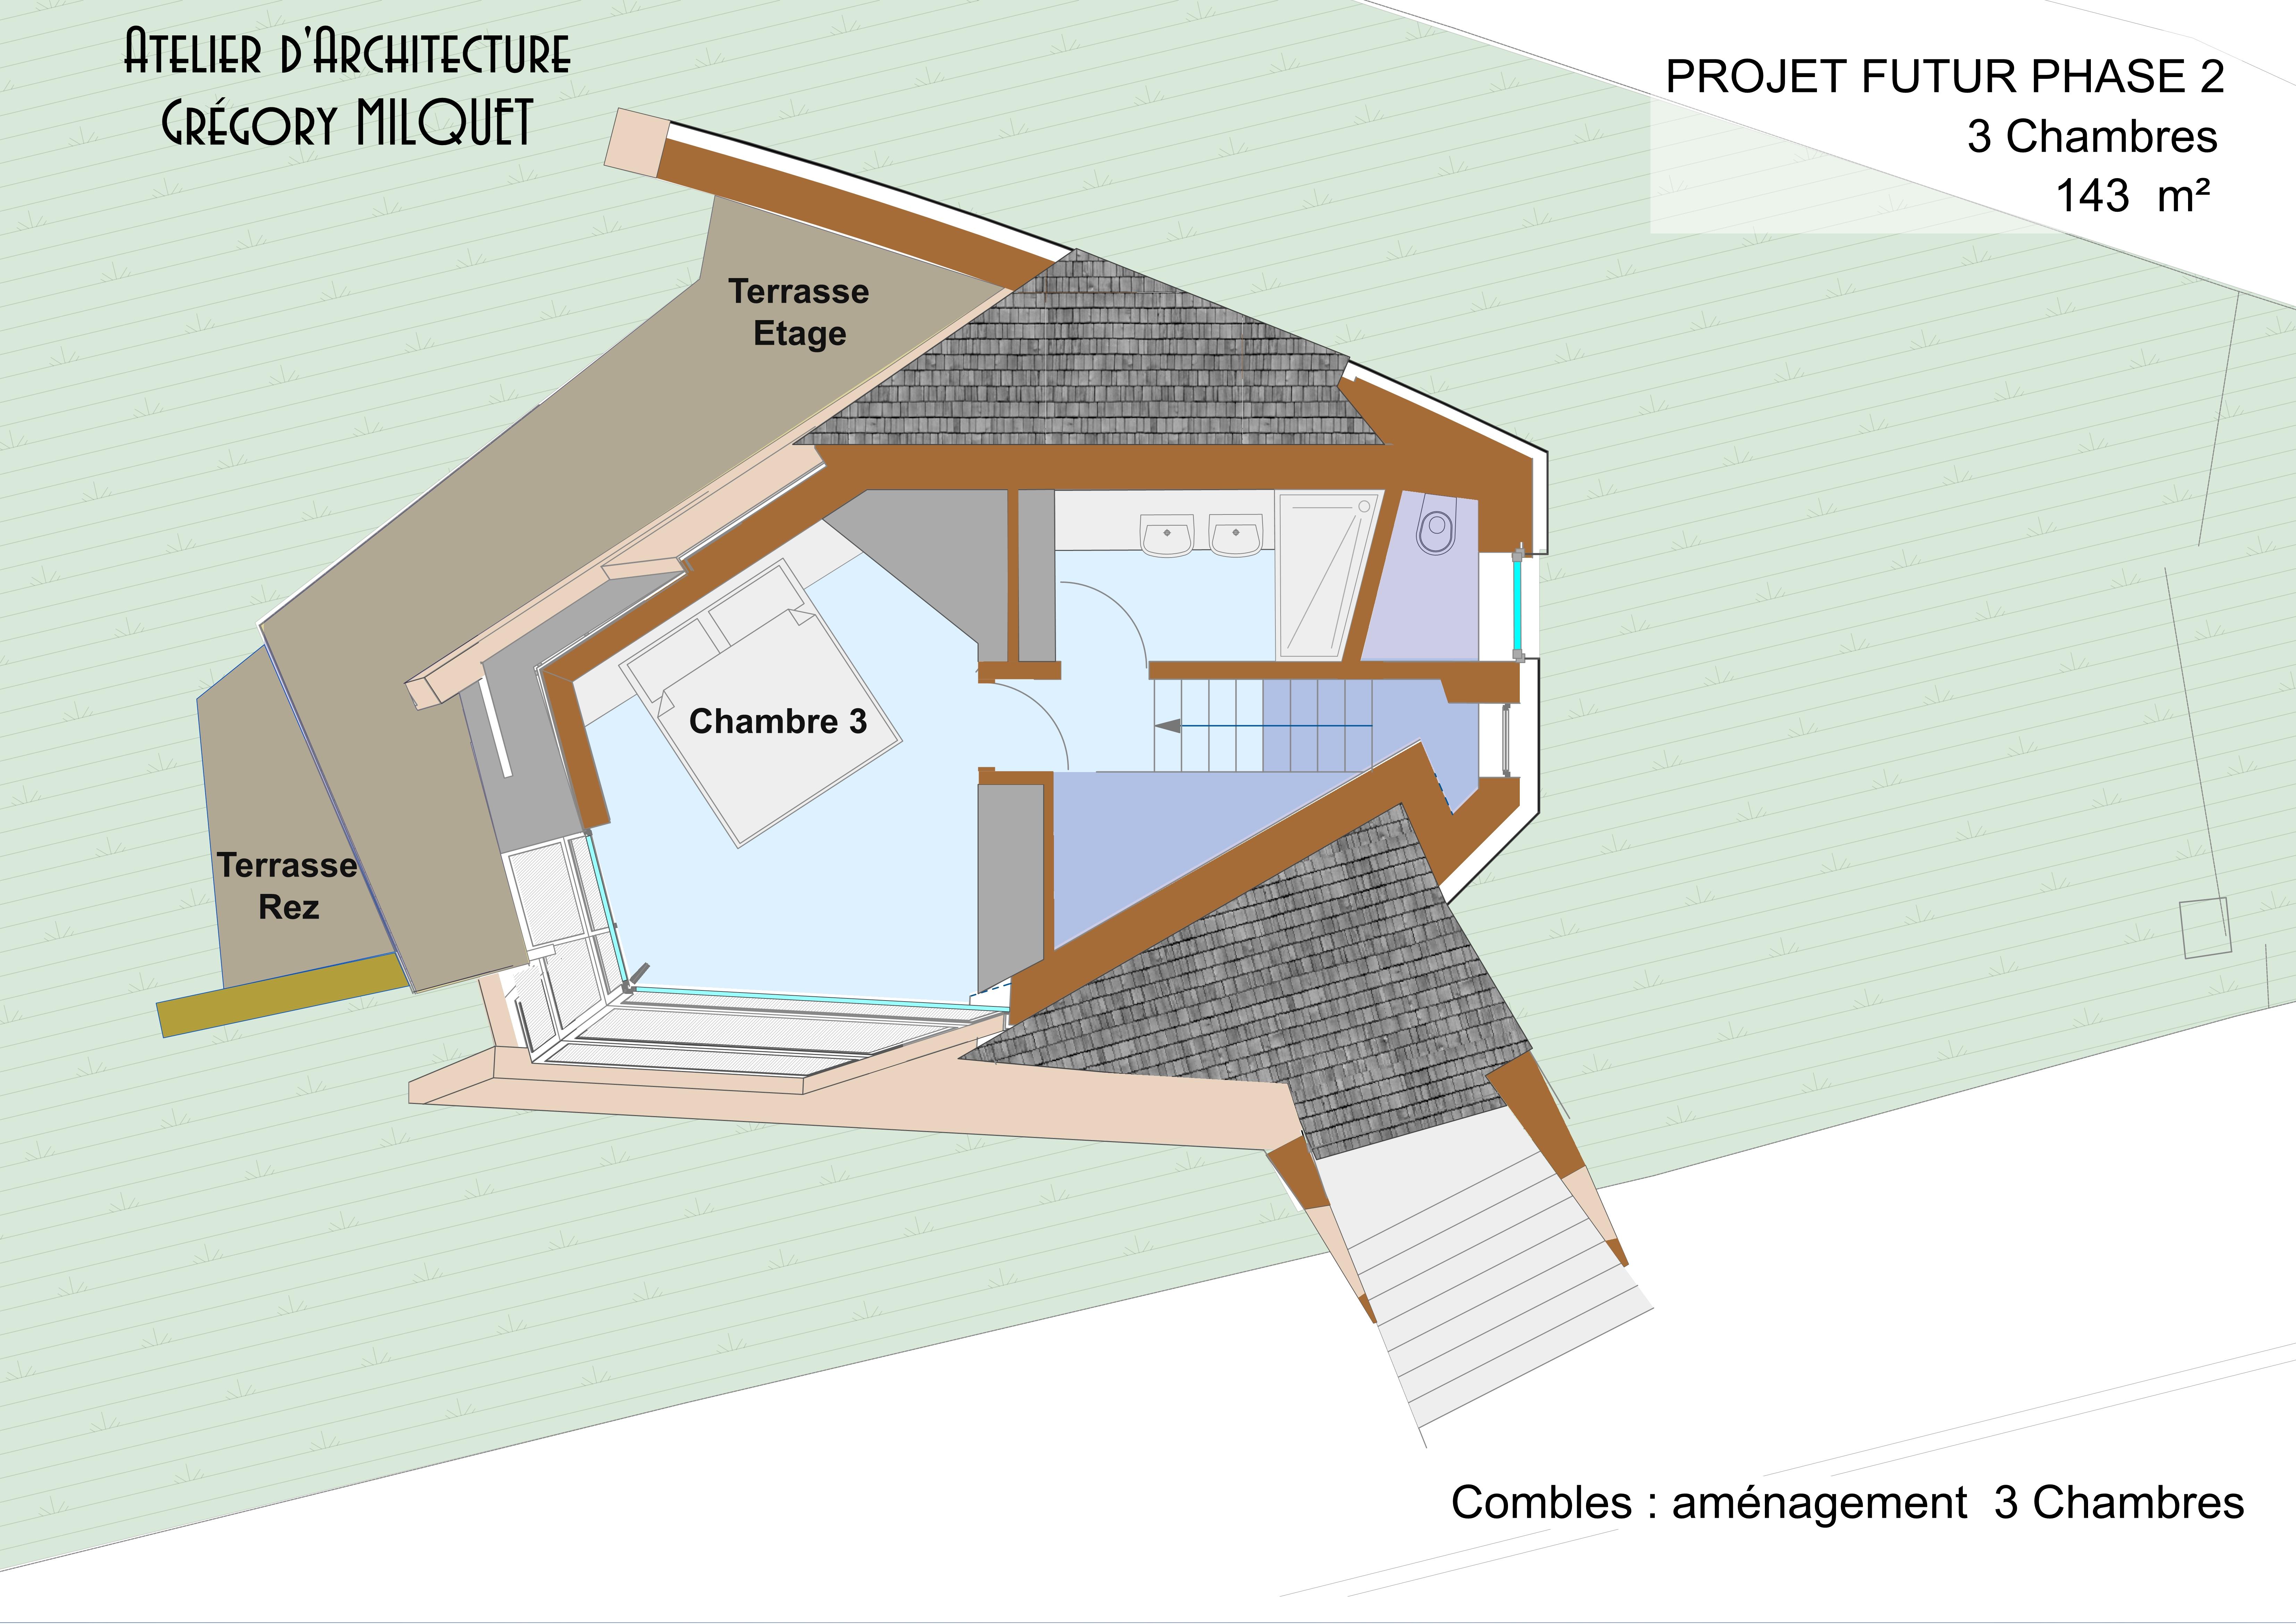 Maison en Paille Phase 2 _143 m²